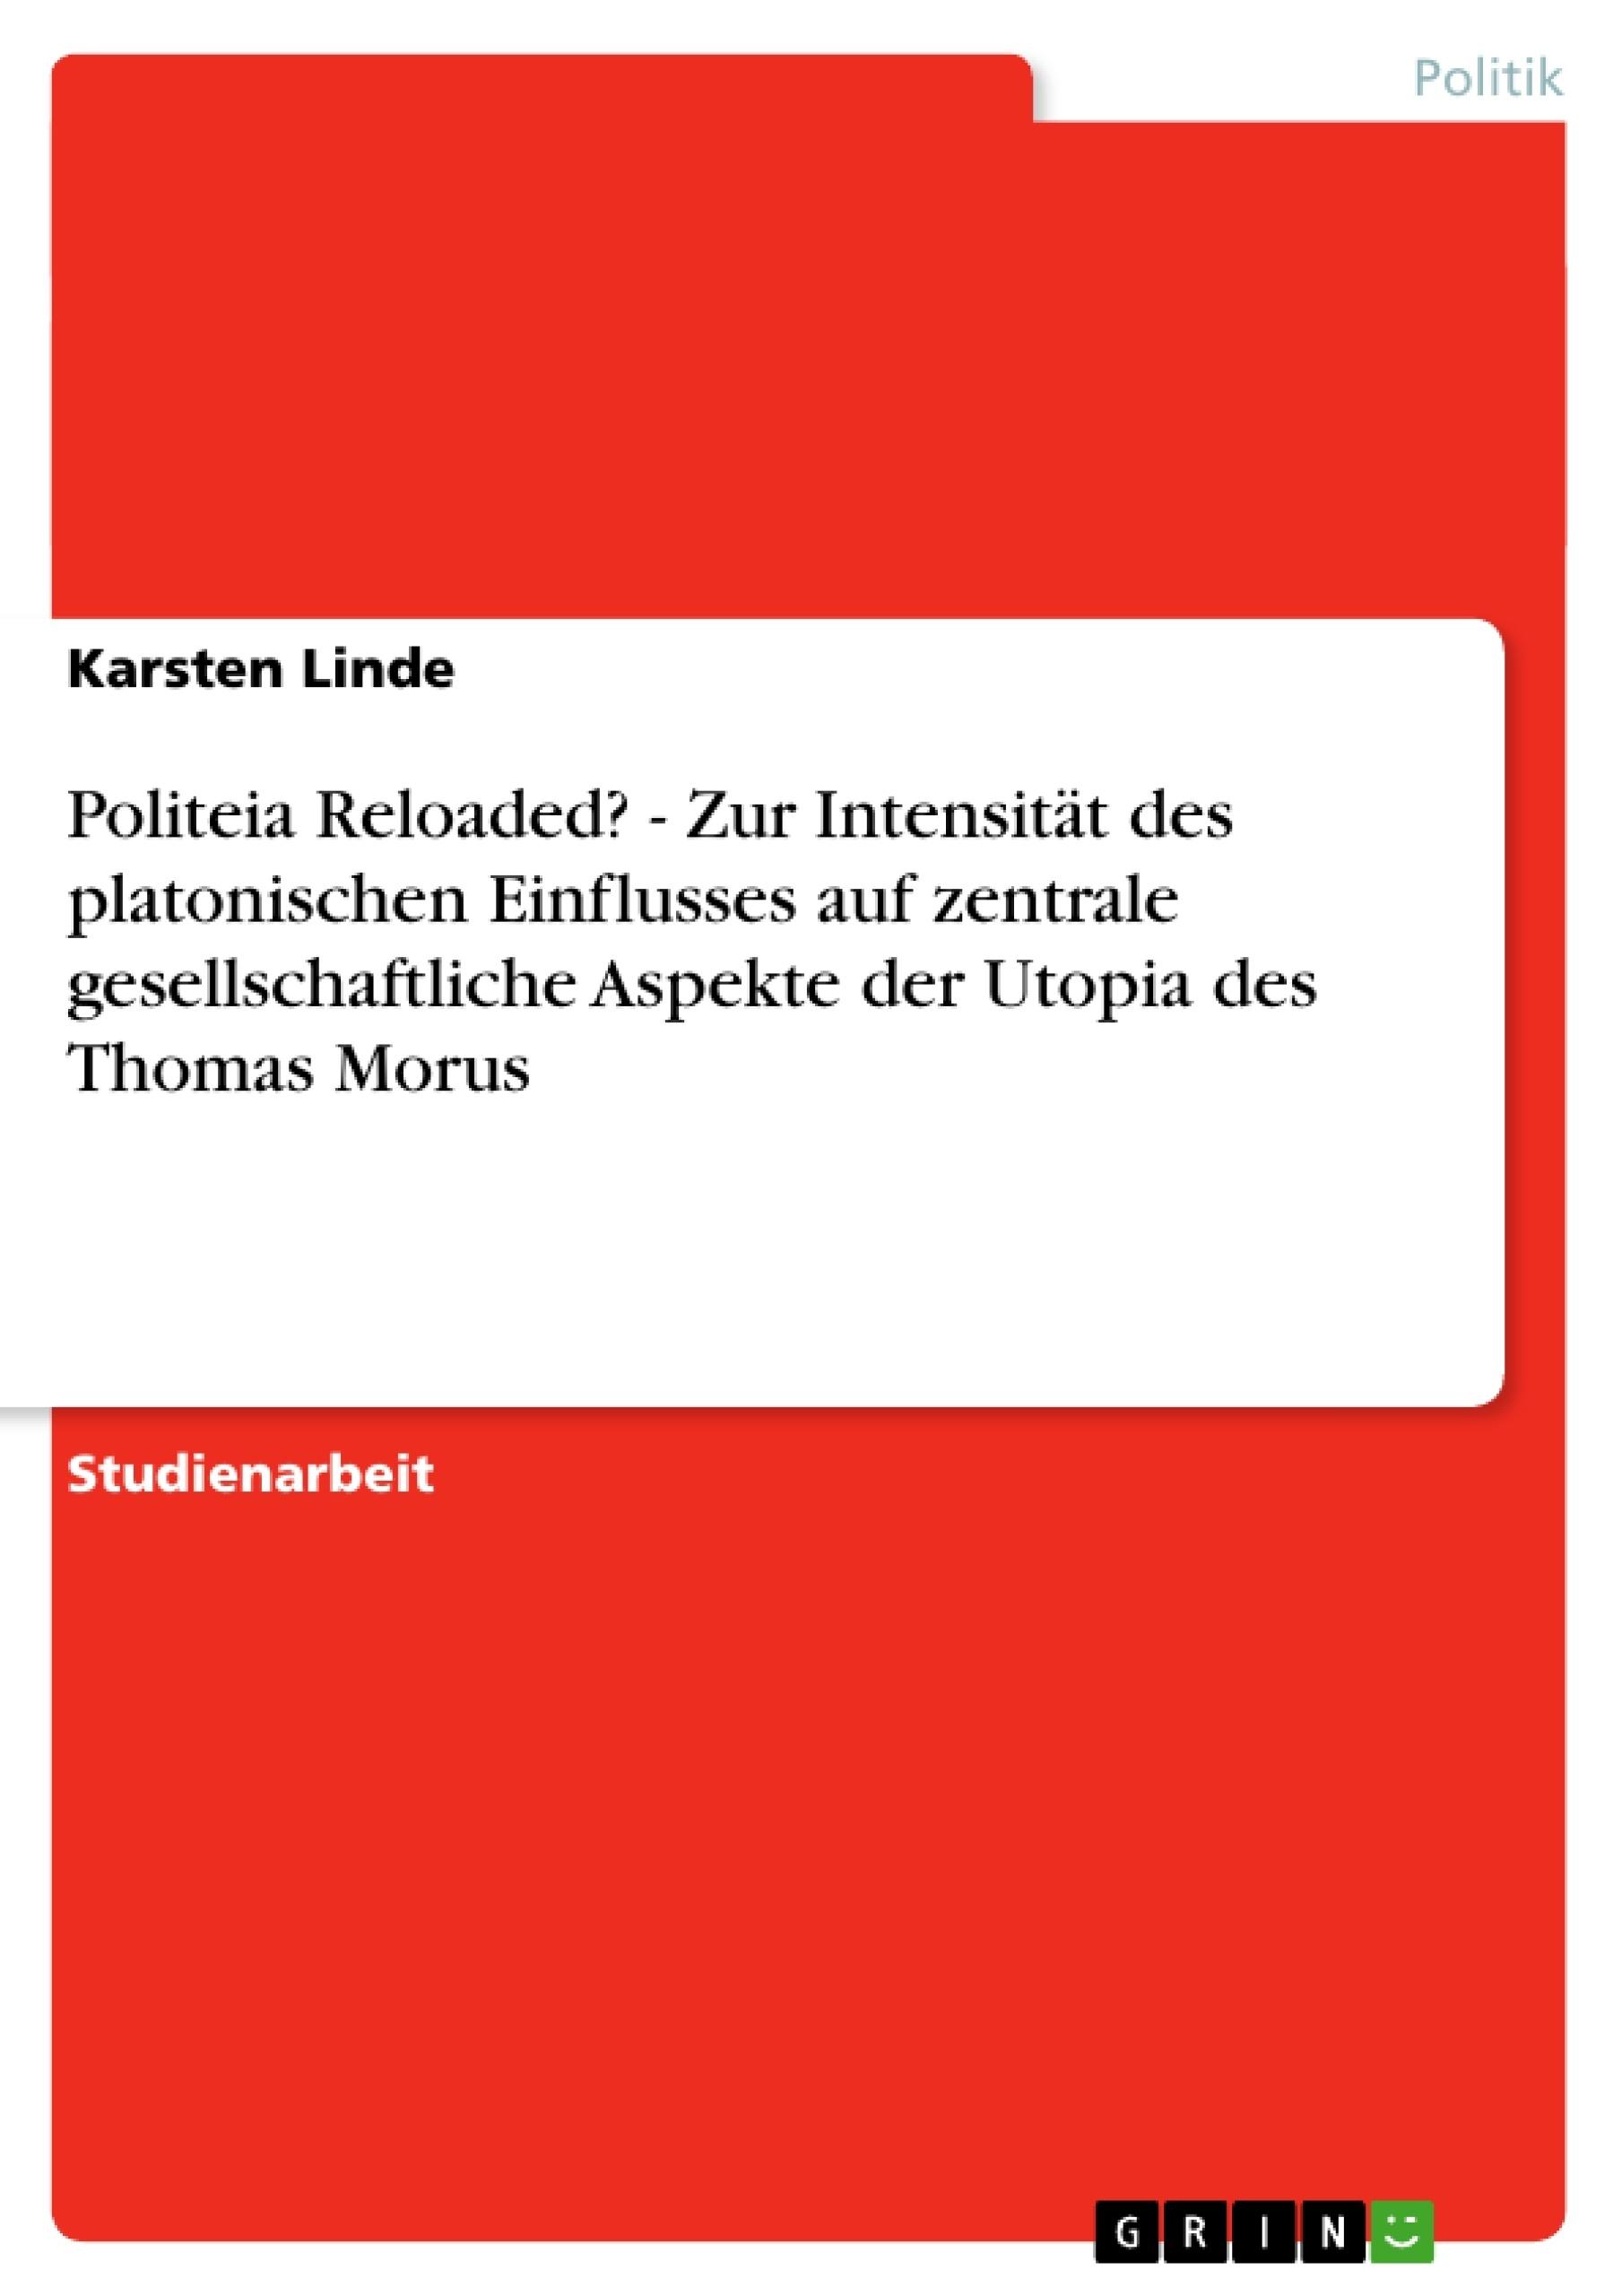 Titel: Politeia Reloaded? - Zur Intensität des platonischen Einflusses auf zentrale gesellschaftliche Aspekte der Utopia des Thomas Morus